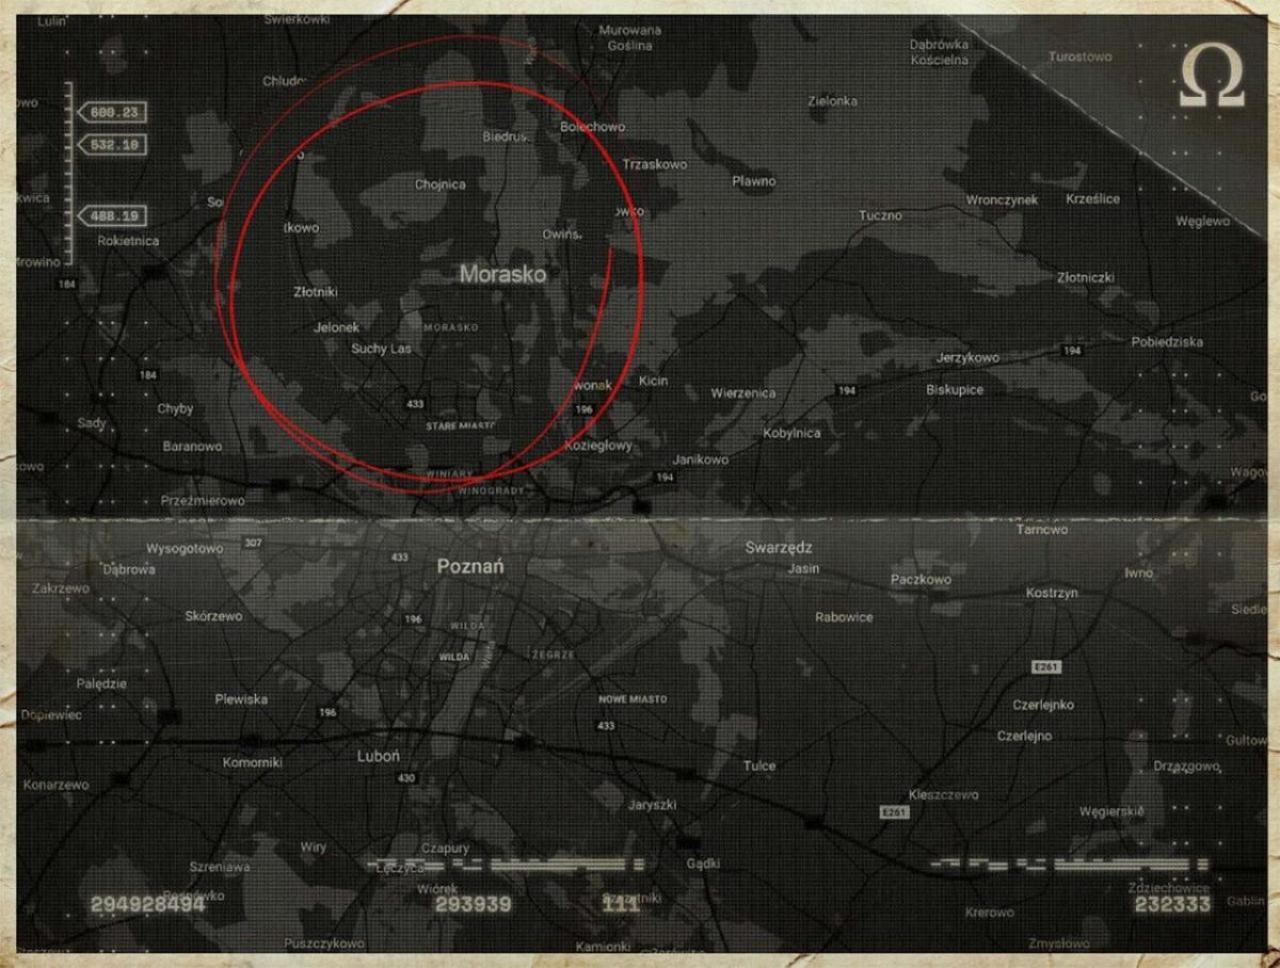 ティザーサイトで見つかった地図。ポーランドのモラスコ村を指している